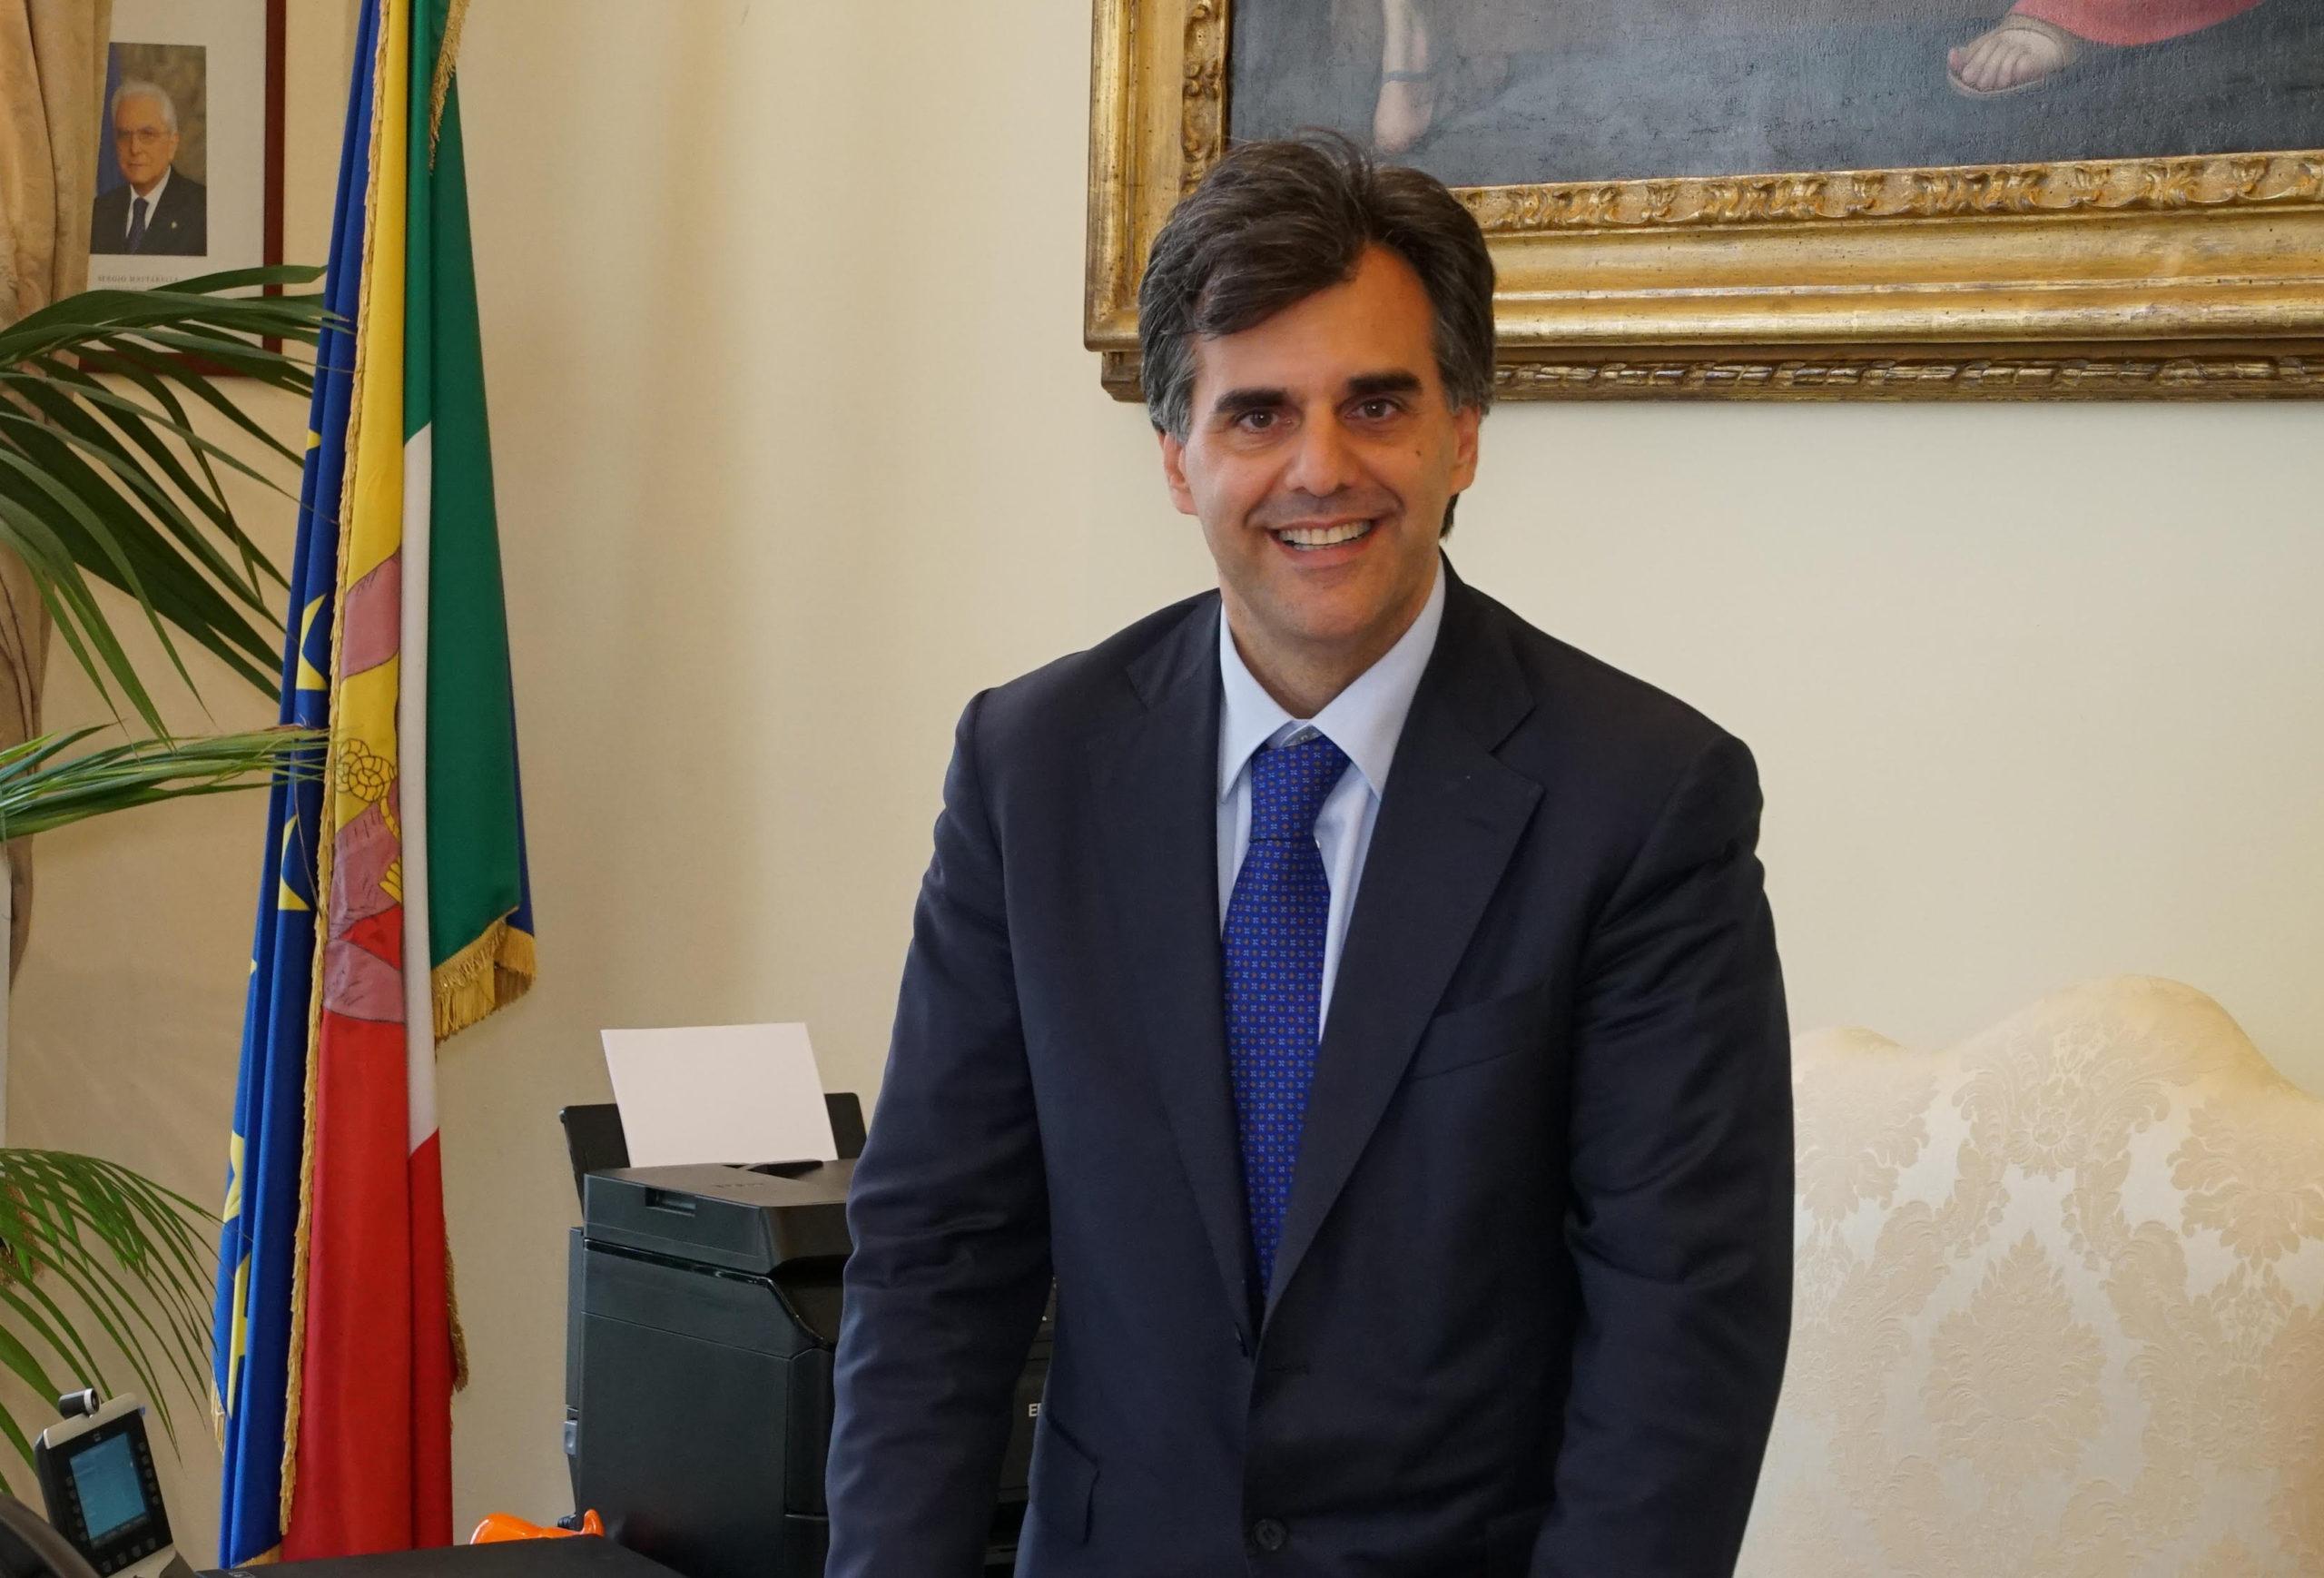 Unime, il rettore Cuzzocrea eletto componente della Giunta Crui